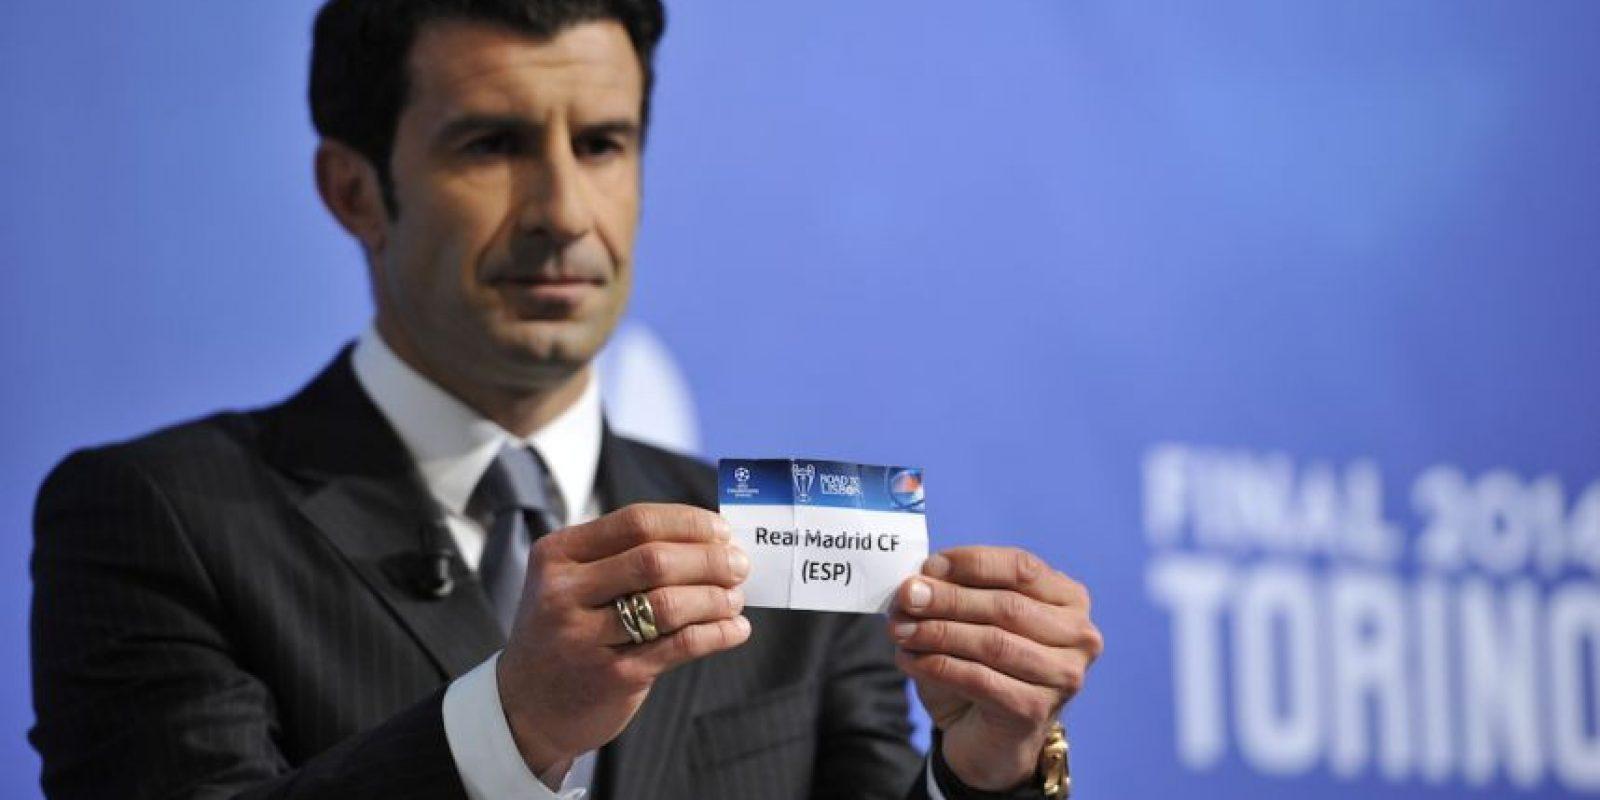 El 19 de febrero de 2015 anunció su candidatura a la presidencia de la FIFA para el periodo 2015-2019. Foto:Getty Images